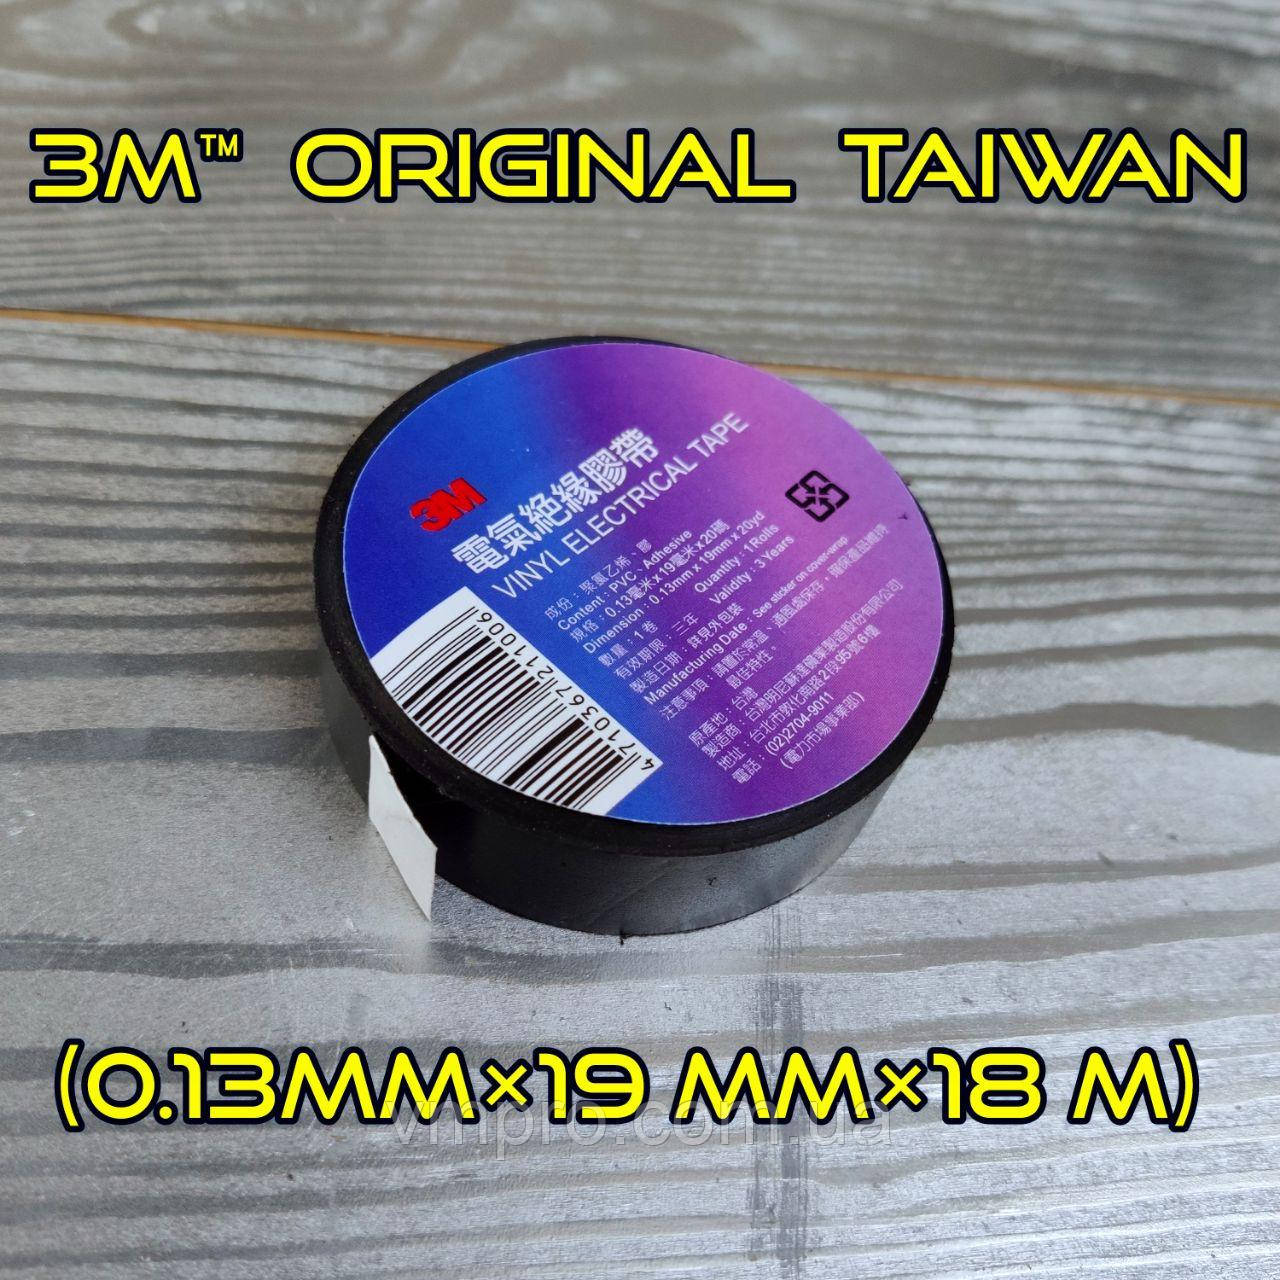 Ізоляційна стрічка ПВХ 3M 18m Original Tiwan, ізоляційна стрічка 3M вінілова